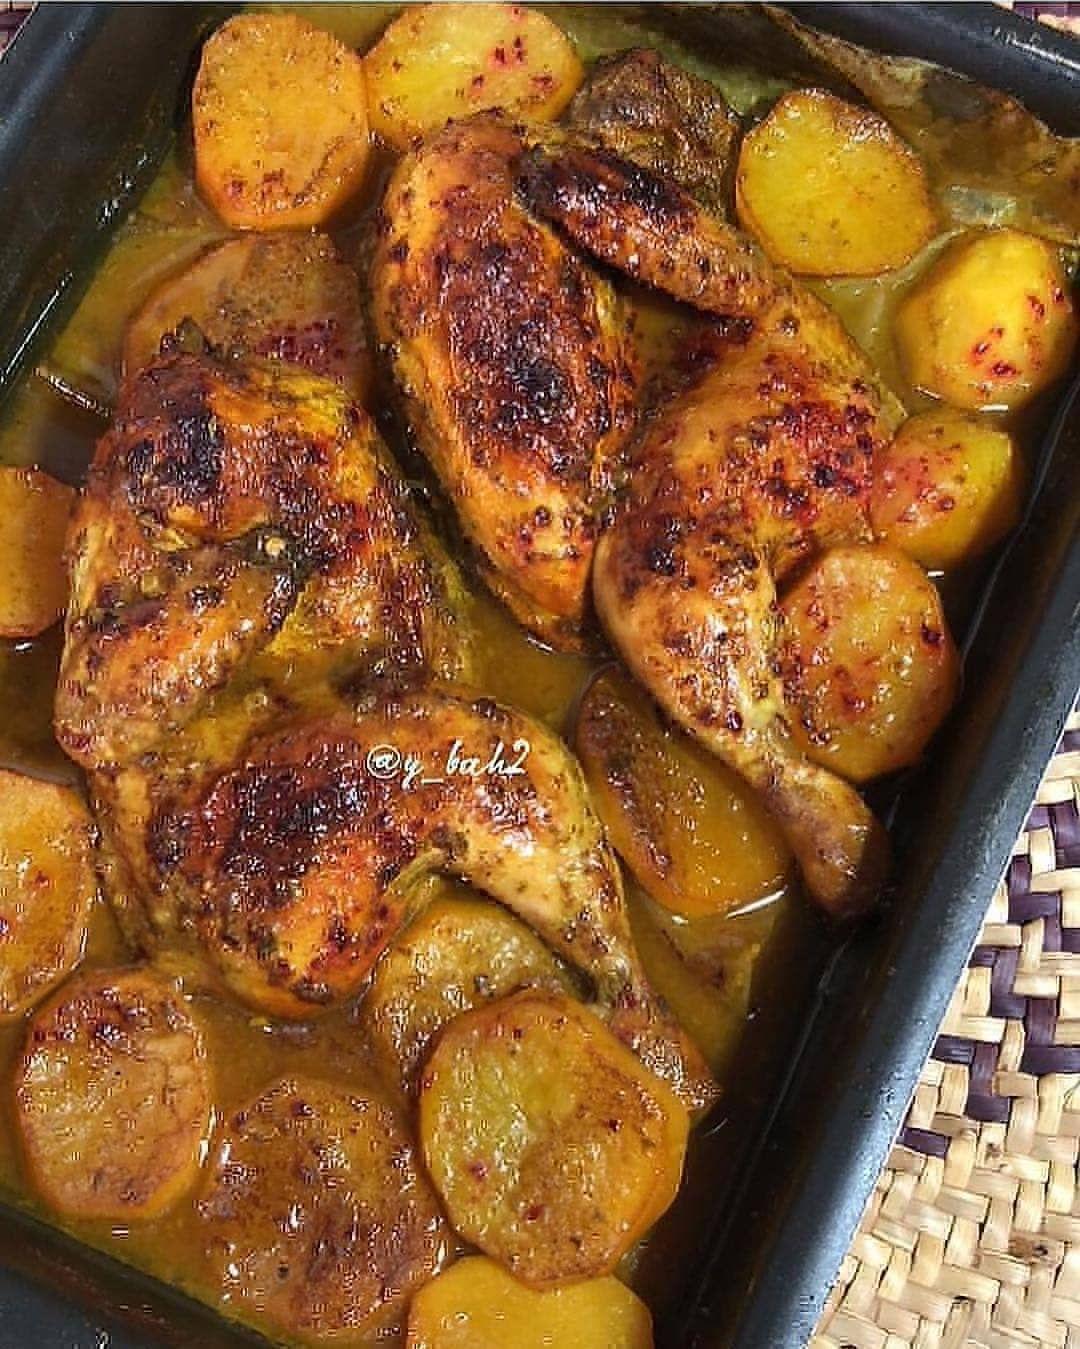 673 Mentions J Aime 5 Commentaires طبخة سهله وسريعه Lolikitchen22 Sur Instagram جربت اليوم تبهيرة لذيذة عجيبة Quick Easy Dinner Food Chicken Dishes